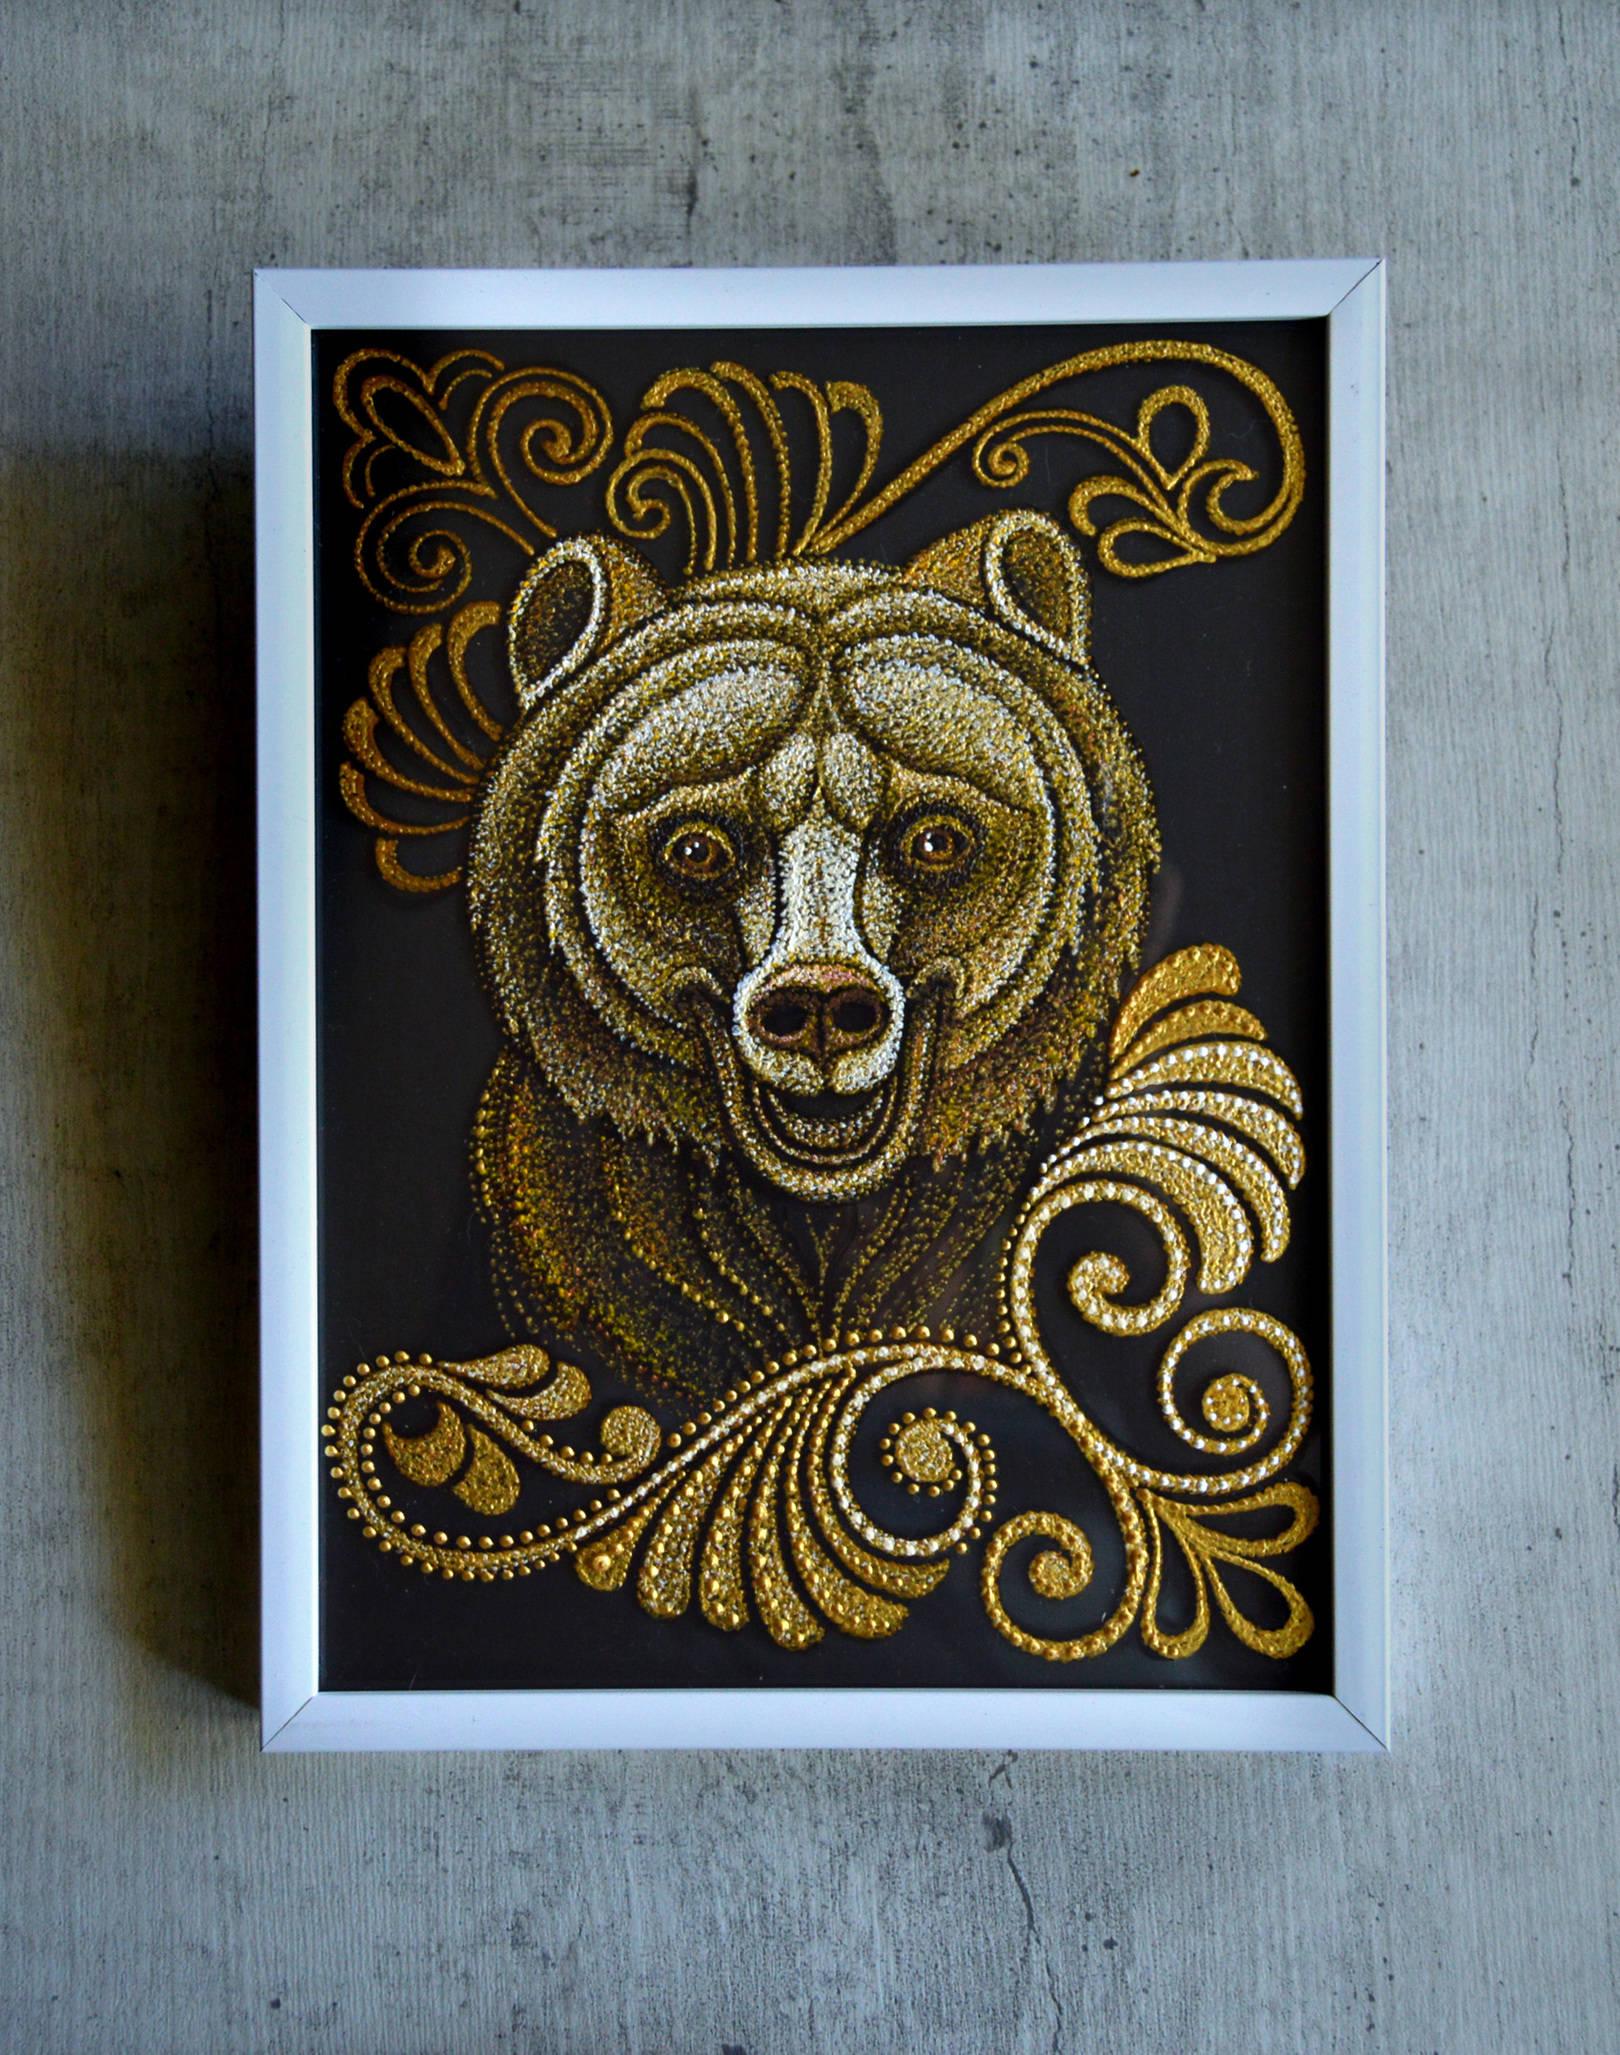 И бык, и коза, и медведь.